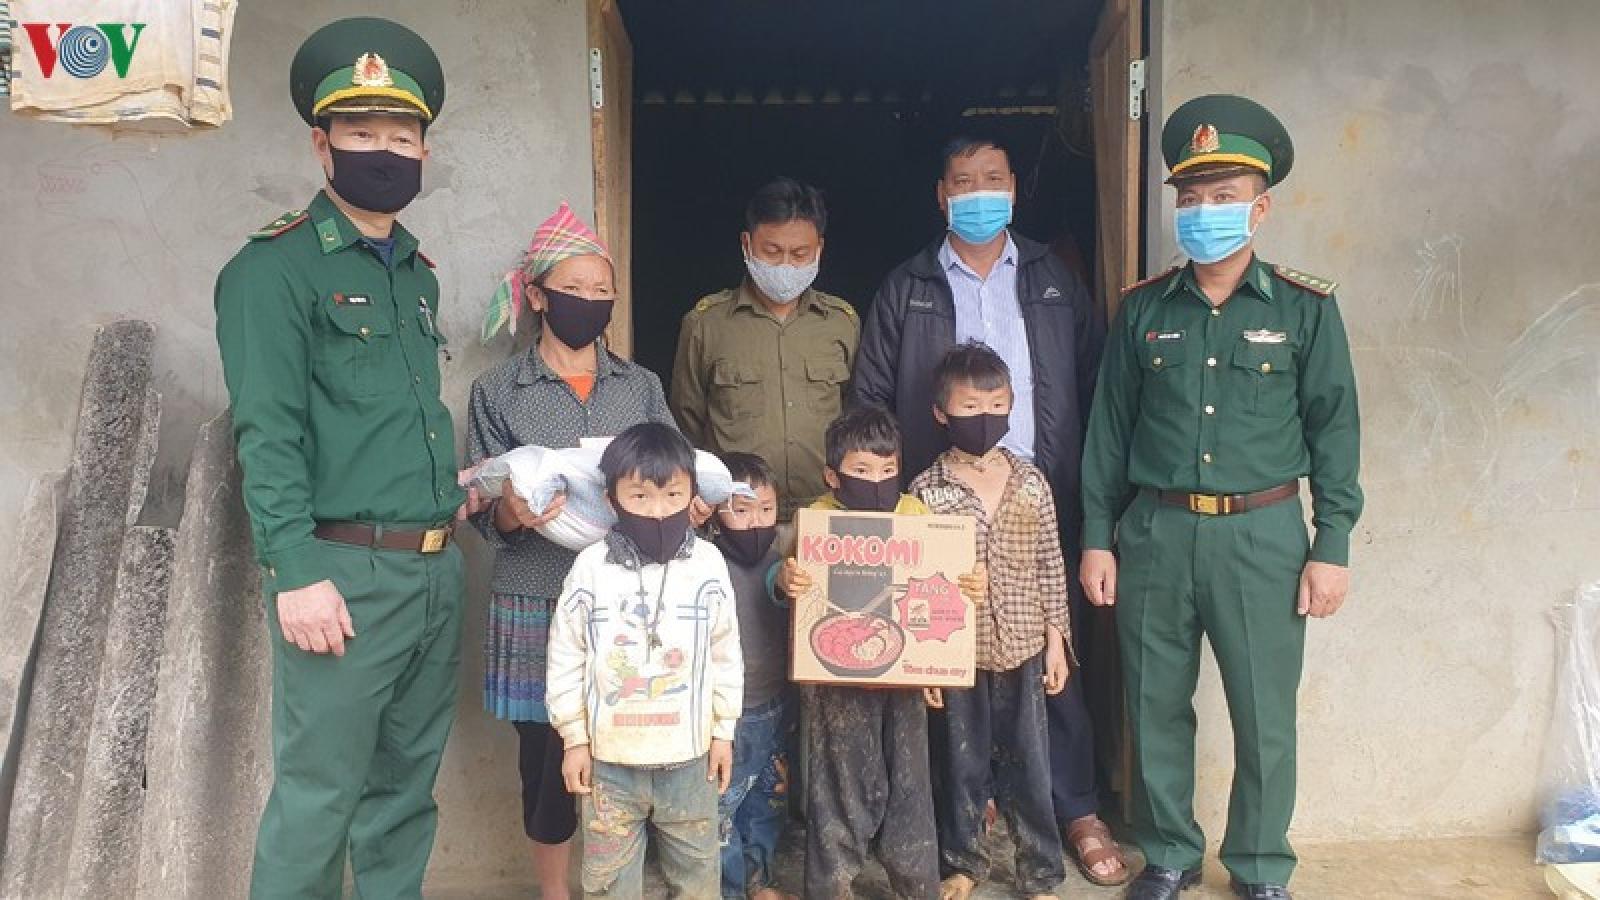 Bộ đội Biên phòng Lào Cai tặng gạo cho đồng bào nghèo biên giới